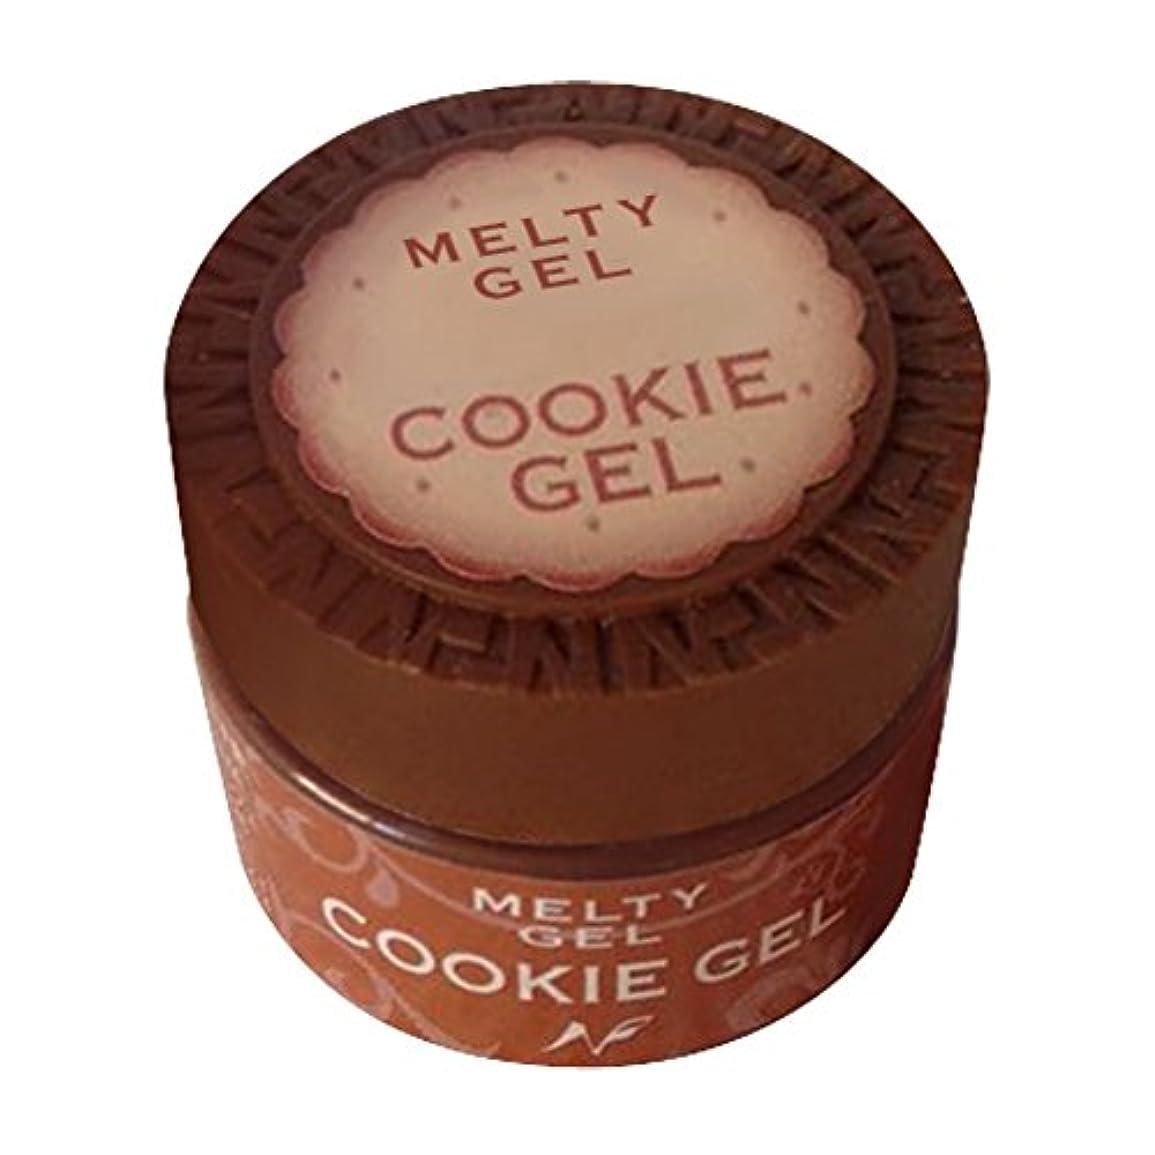 動作り買い物に行くNatural Field Melty Gel クッキージェル 3910チョコレート 5g